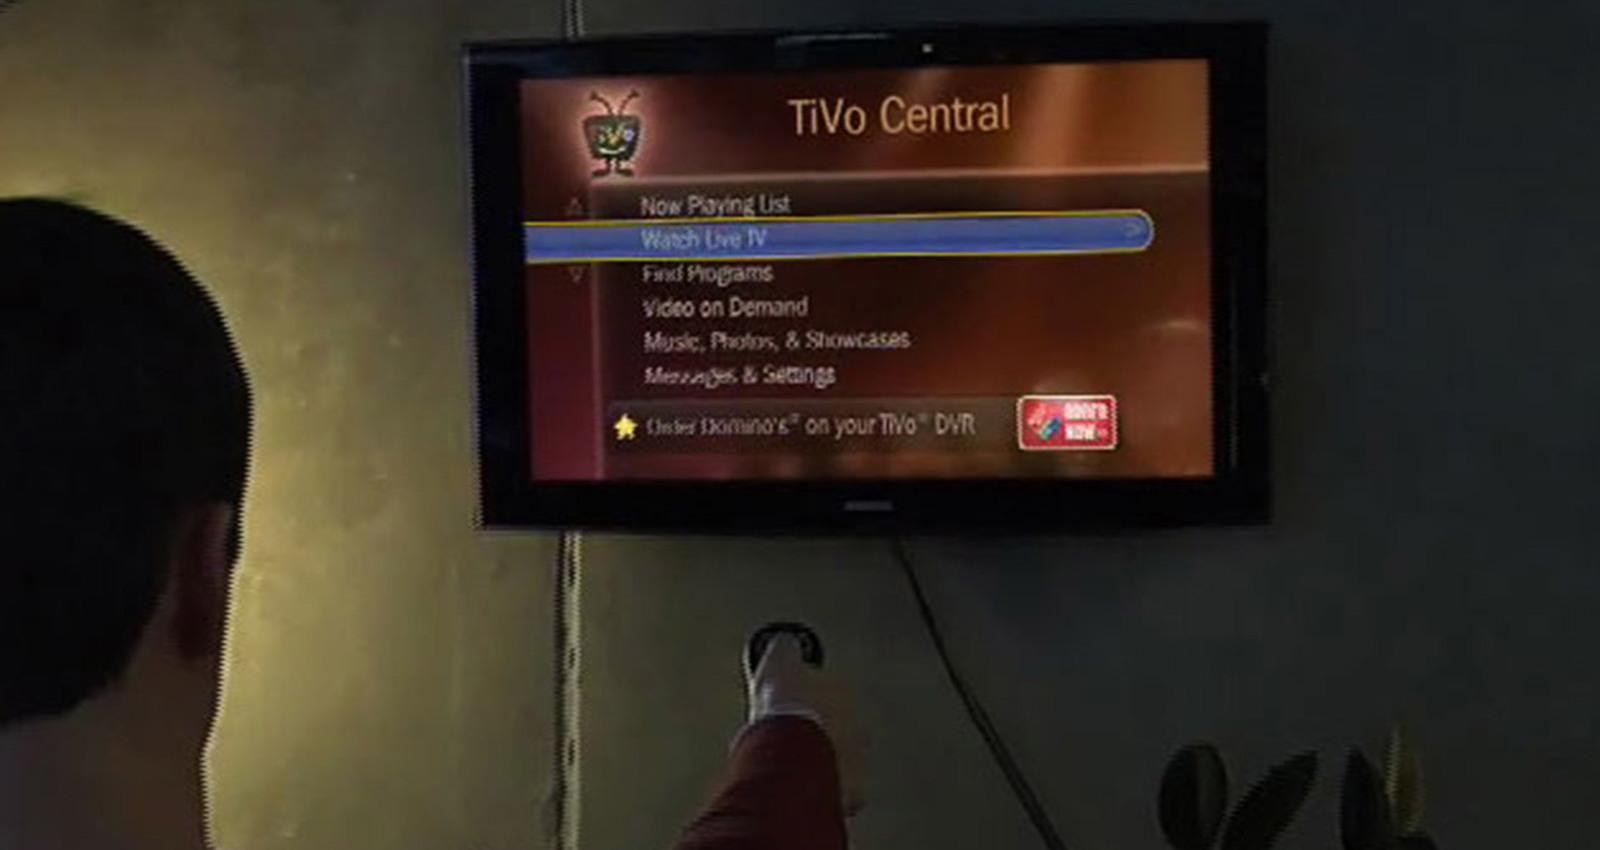 Domino's TiVo